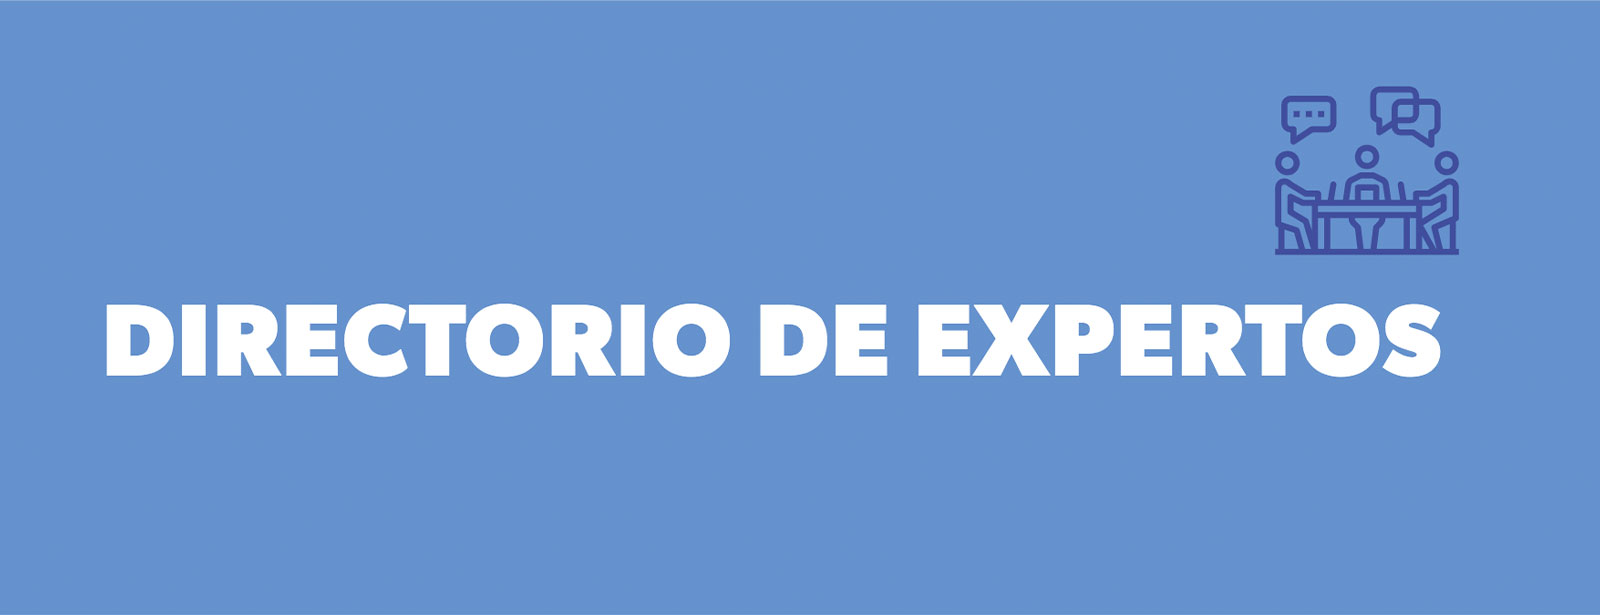 Directorio de expertos de la Universidad de los Andes